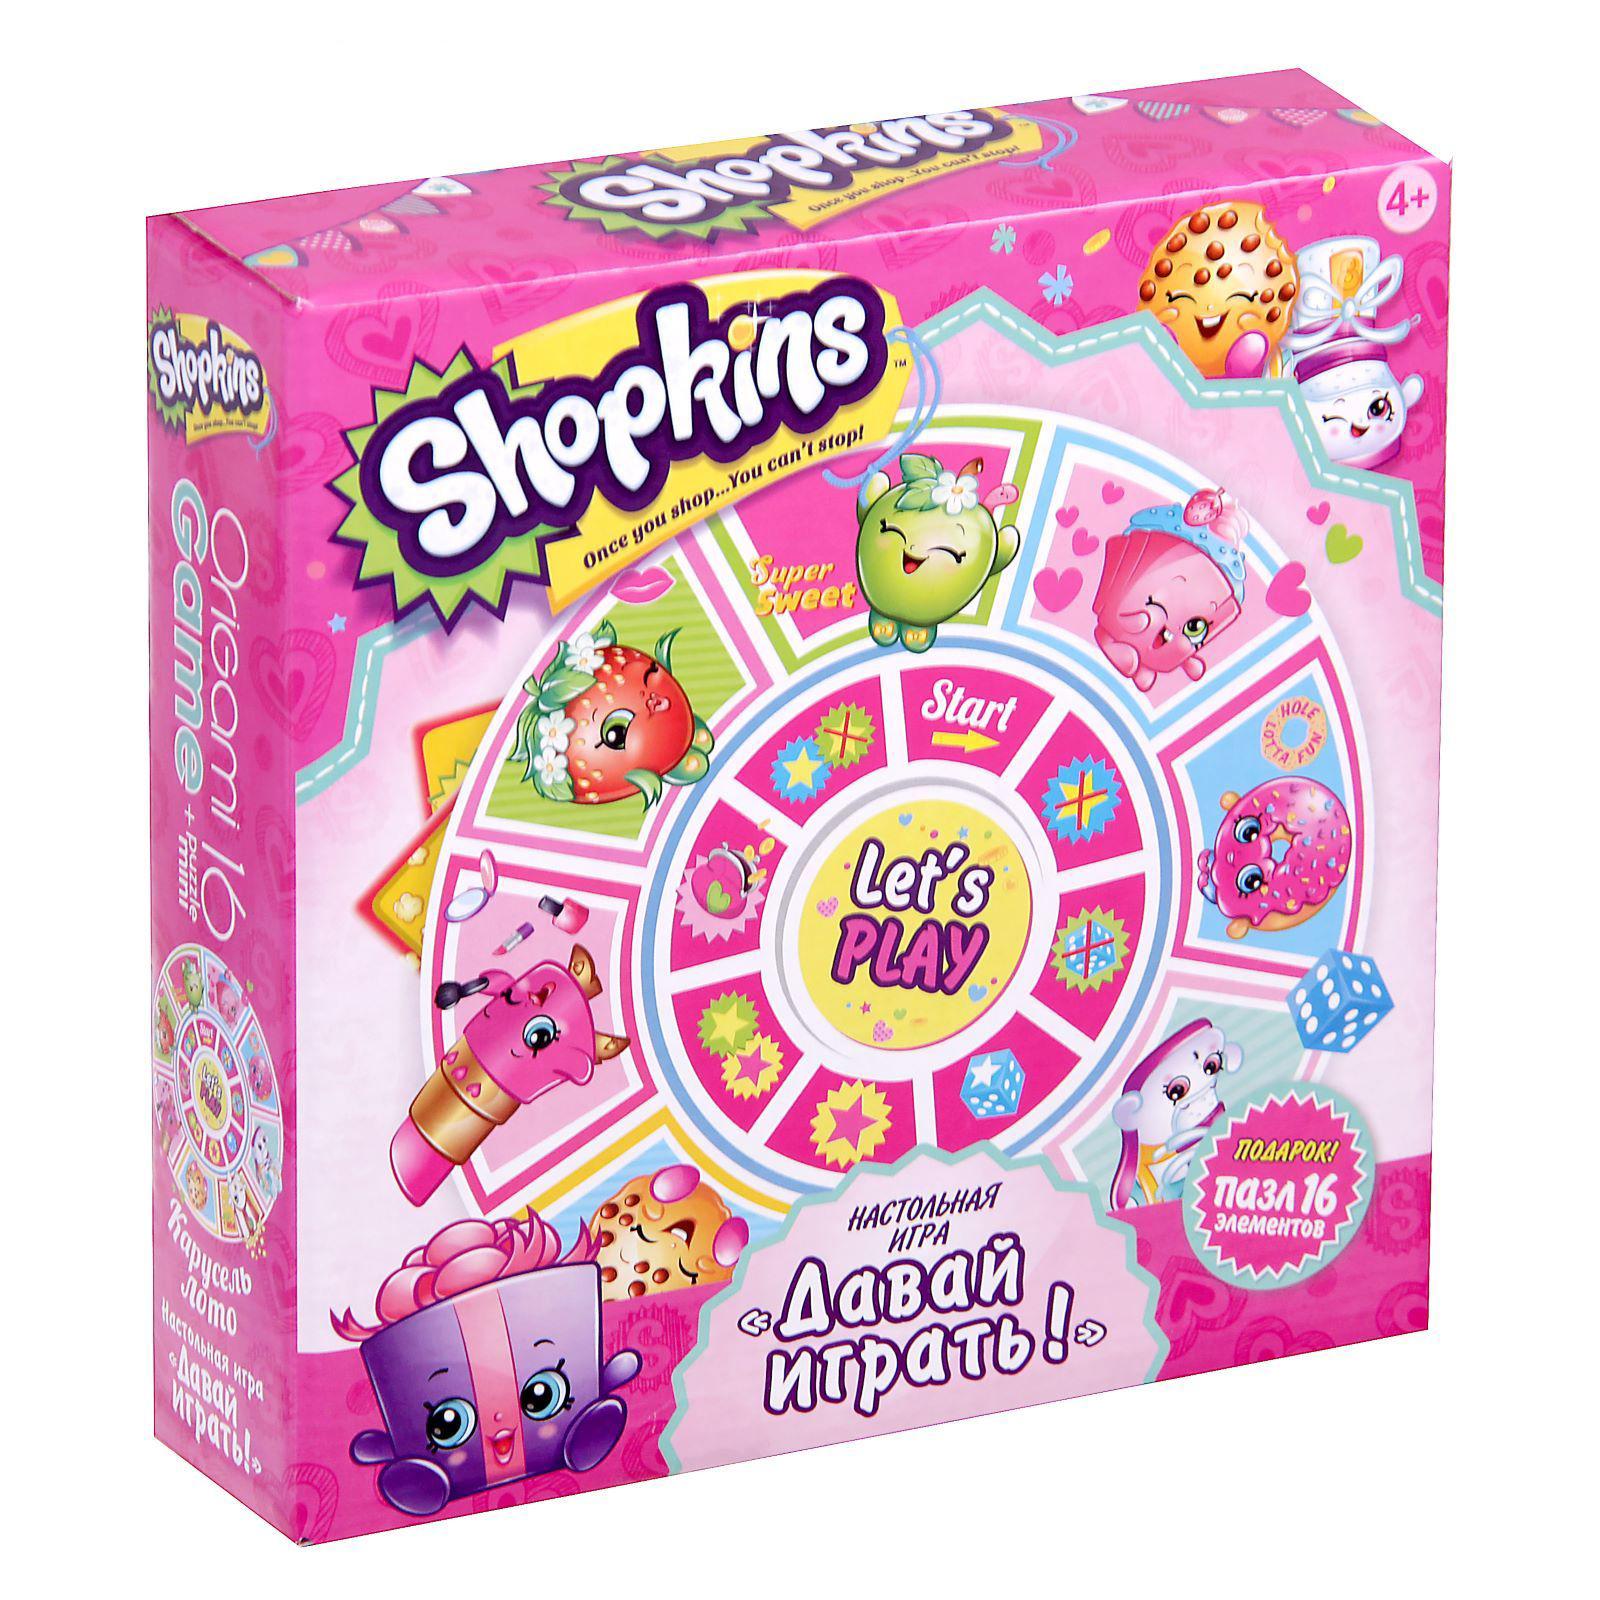 Игра настольная Shopkins - Карусель-лото - Давай играть! пазл 16 элементовРазвивающие<br>Игра настольная Shopkins - Карусель-лото - Давай играть! пазл 16 элементов<br>